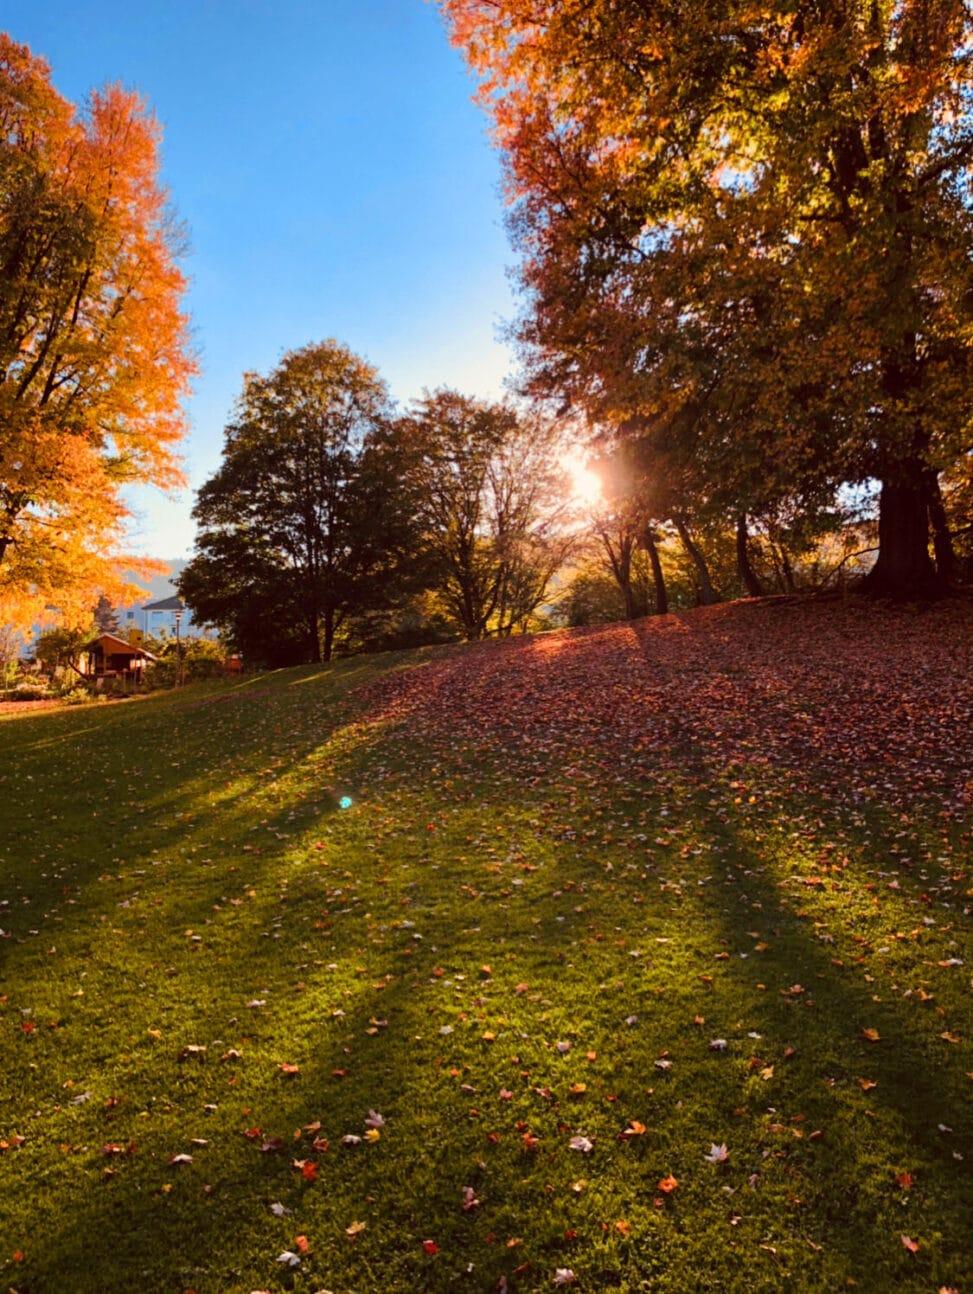 Ein Foto von einem Park im Herbst mit tief stehender Sonne und herbstlichen Baeumen in Rottoenen und gold gelbem Blaetterdach.